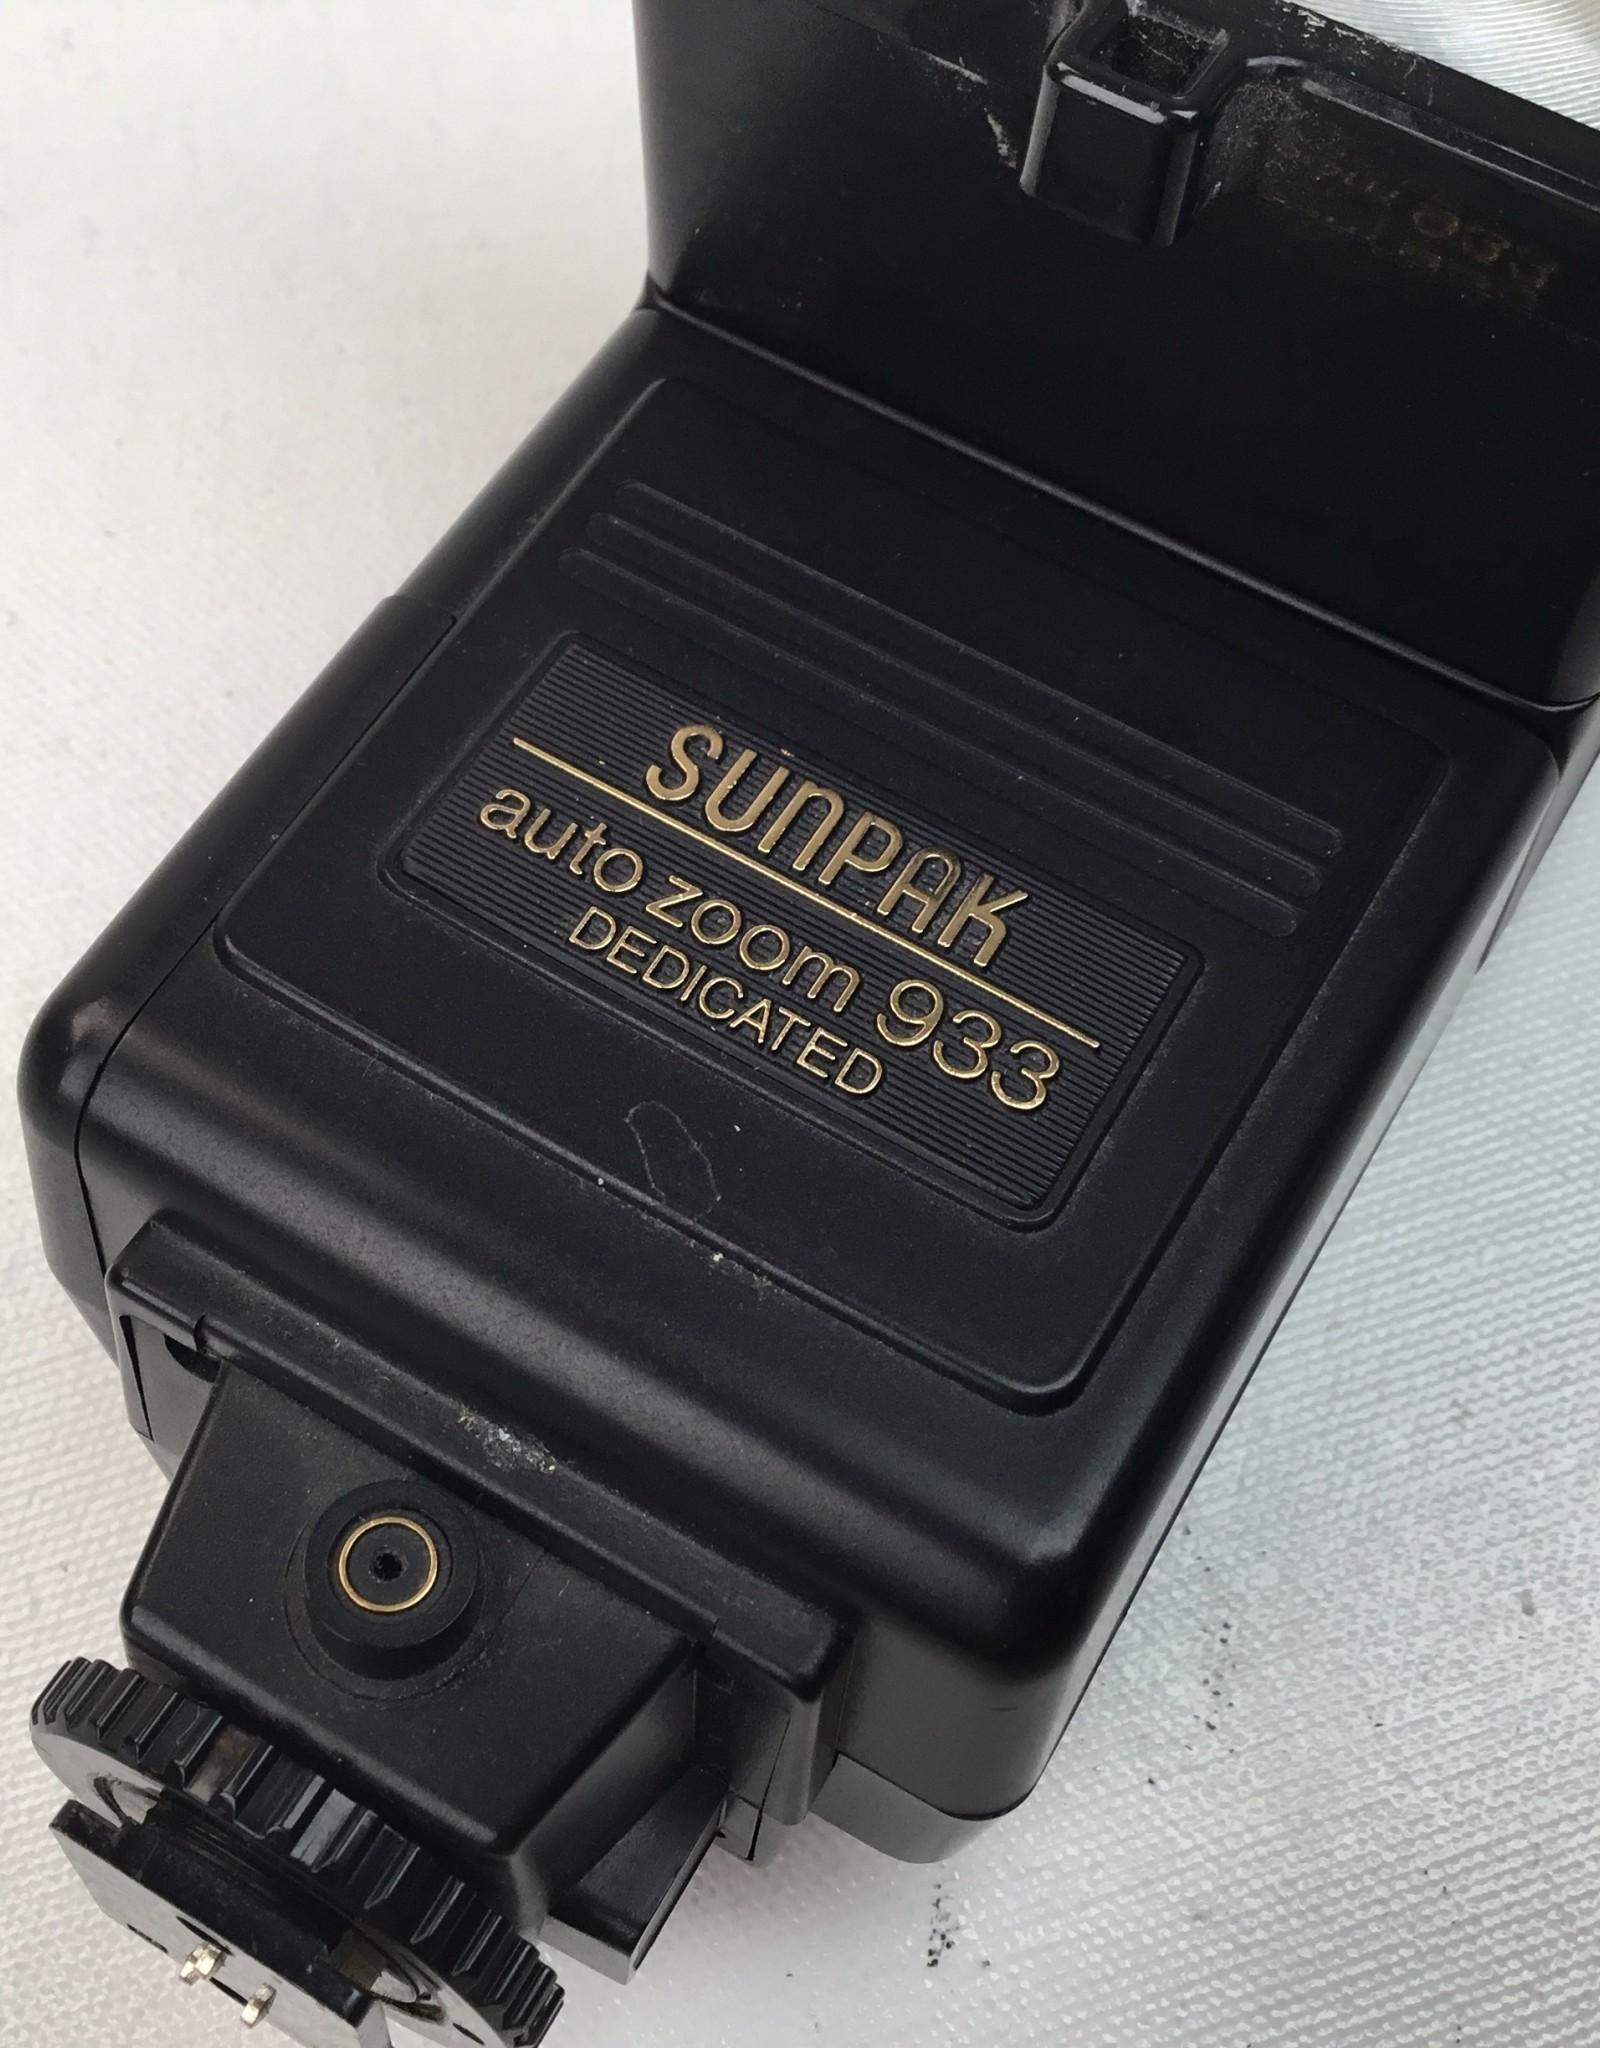 Vivitar Sunpak Auto Zoom 933 Flash for Canon AE-1, A-1 Used EX